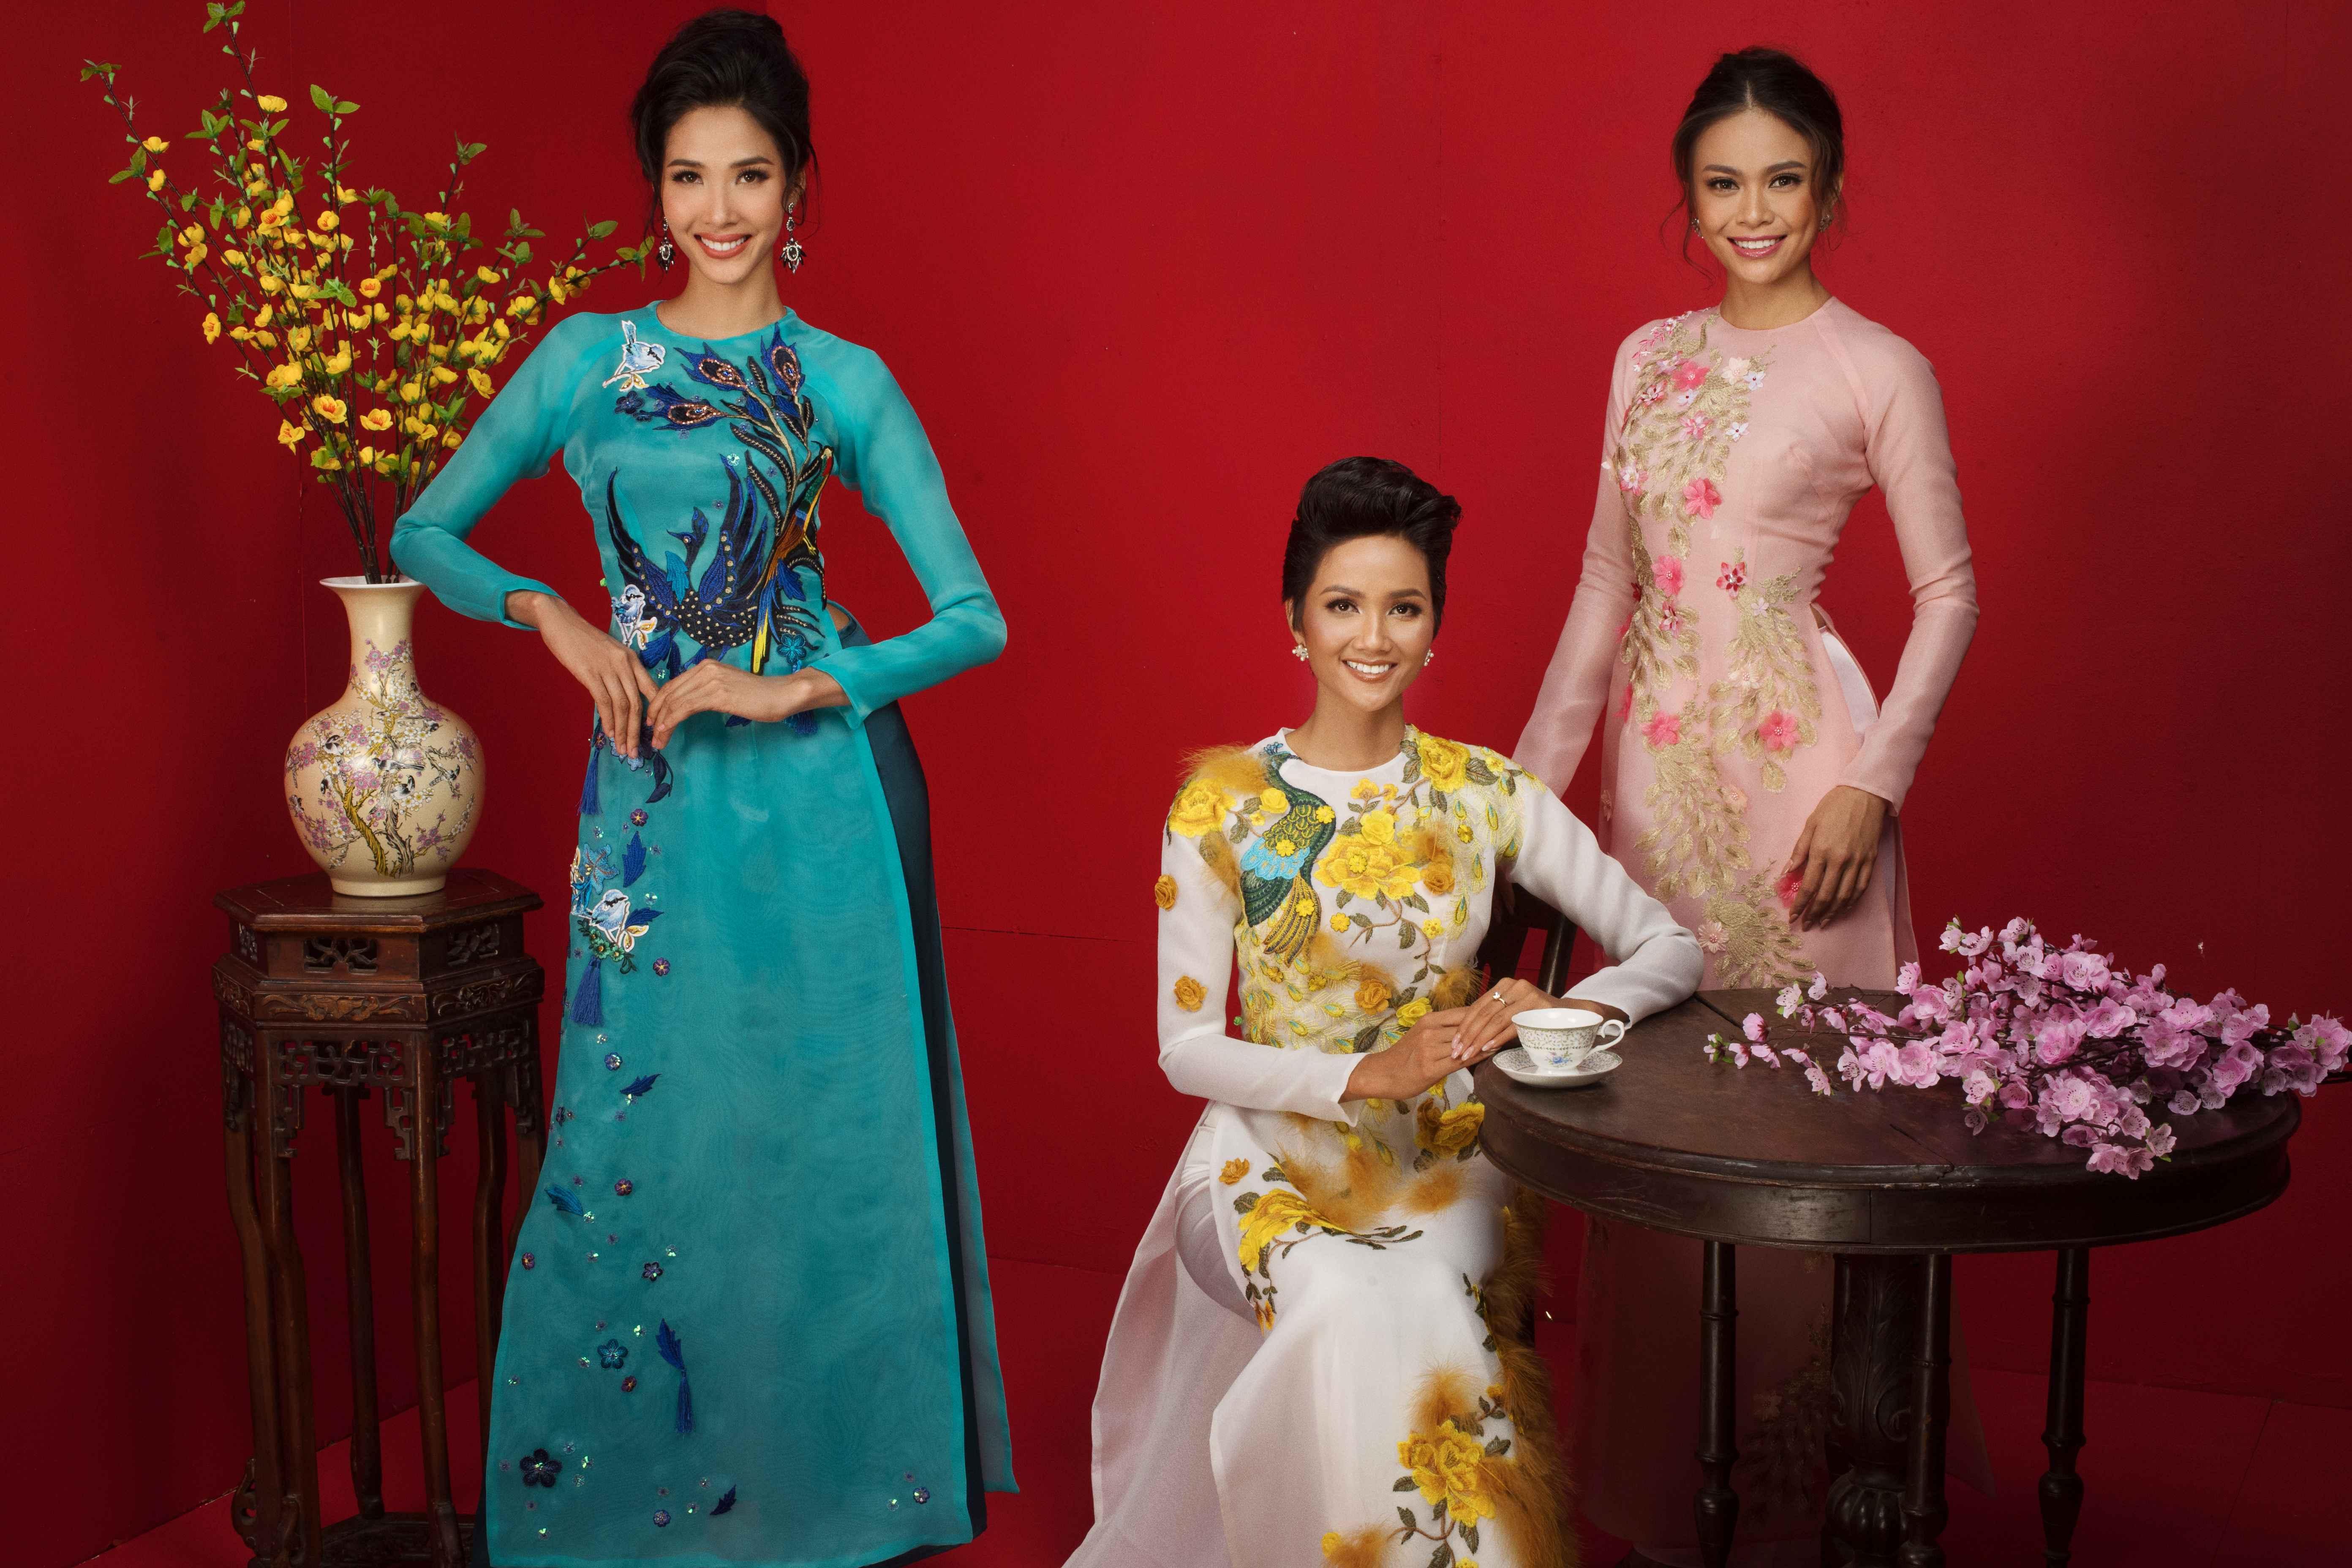 Cả ba cô gái đều gây ấn tượng với phong cách thời trang lộng lẫy với những chiếc áo dài màu sắc tươi sáng tượng trưng cho ngày Tết cổ truyền của dân tộc.